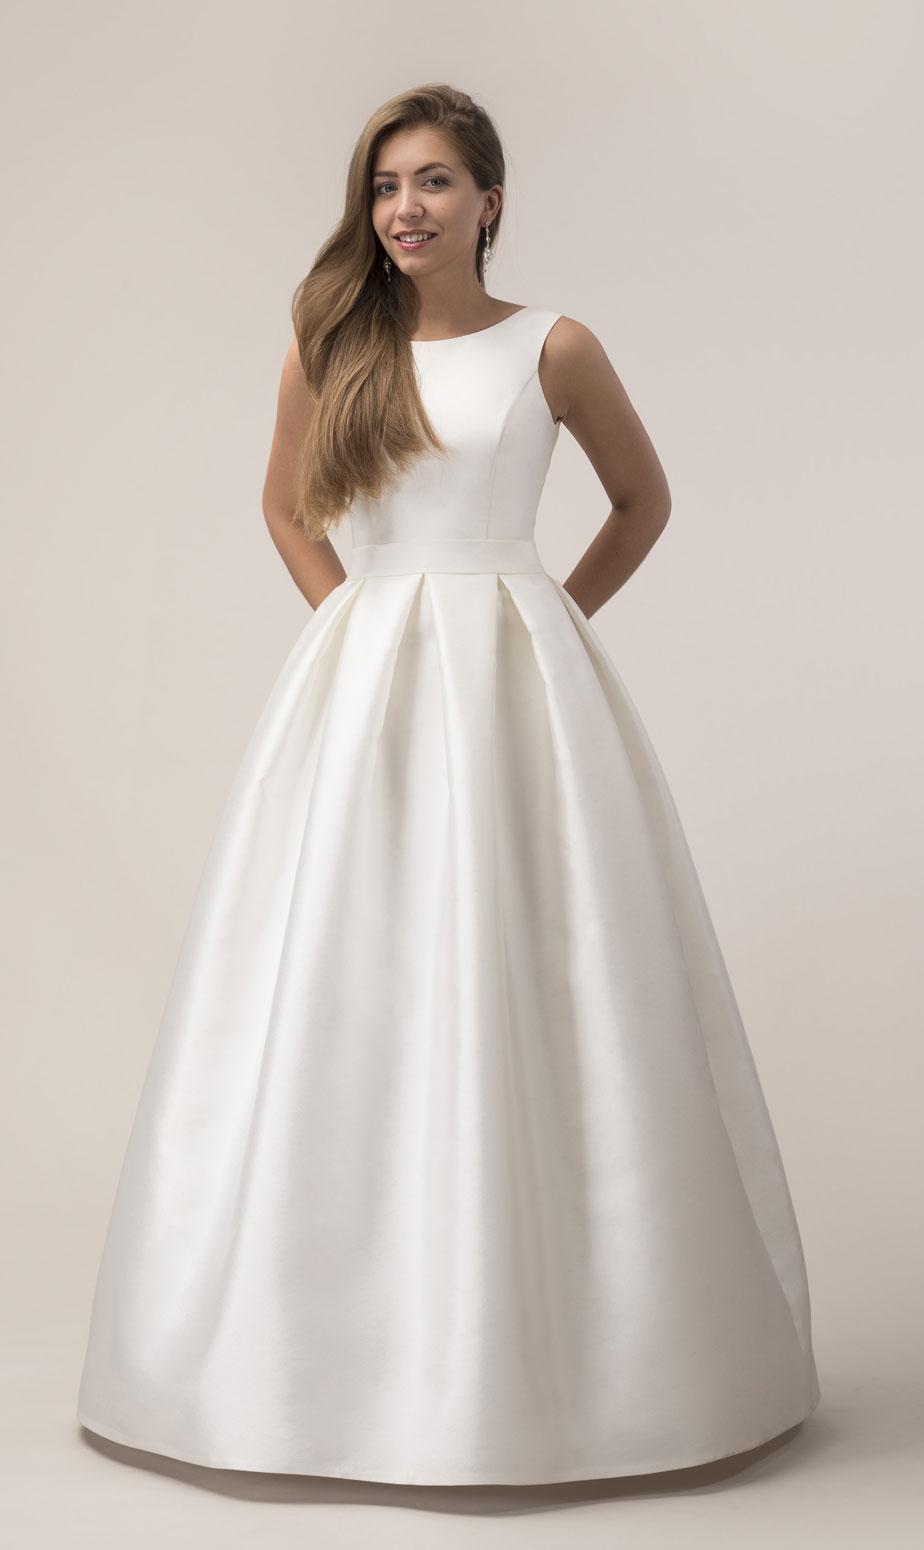 Satin Prinzessinnen Brautkleid individuelle Maßanfertigung